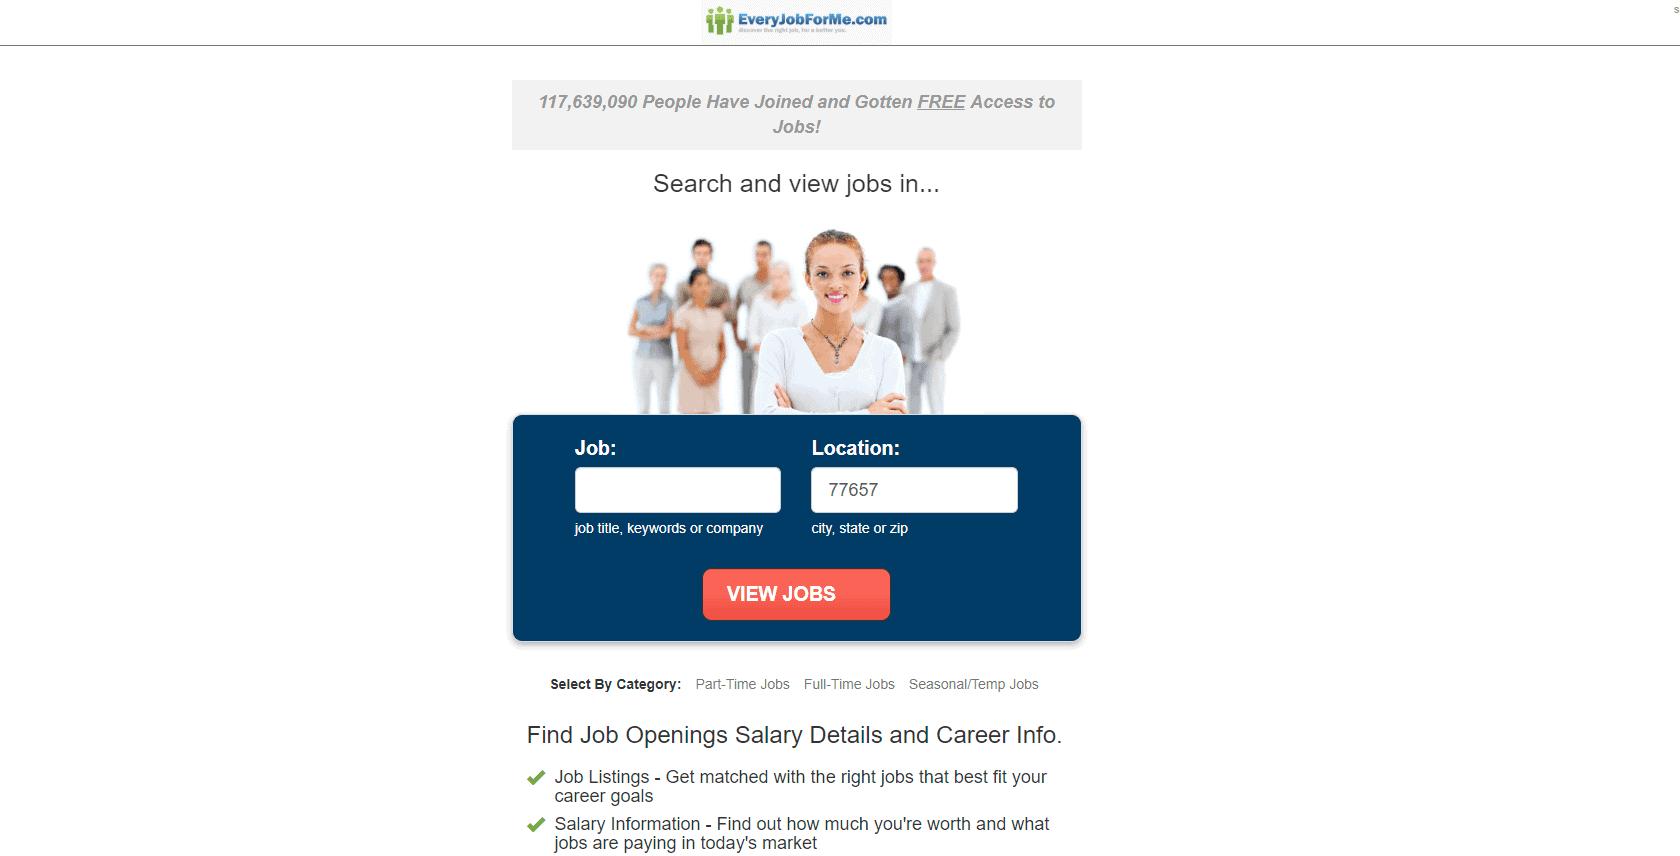 EveryJobForMe.com